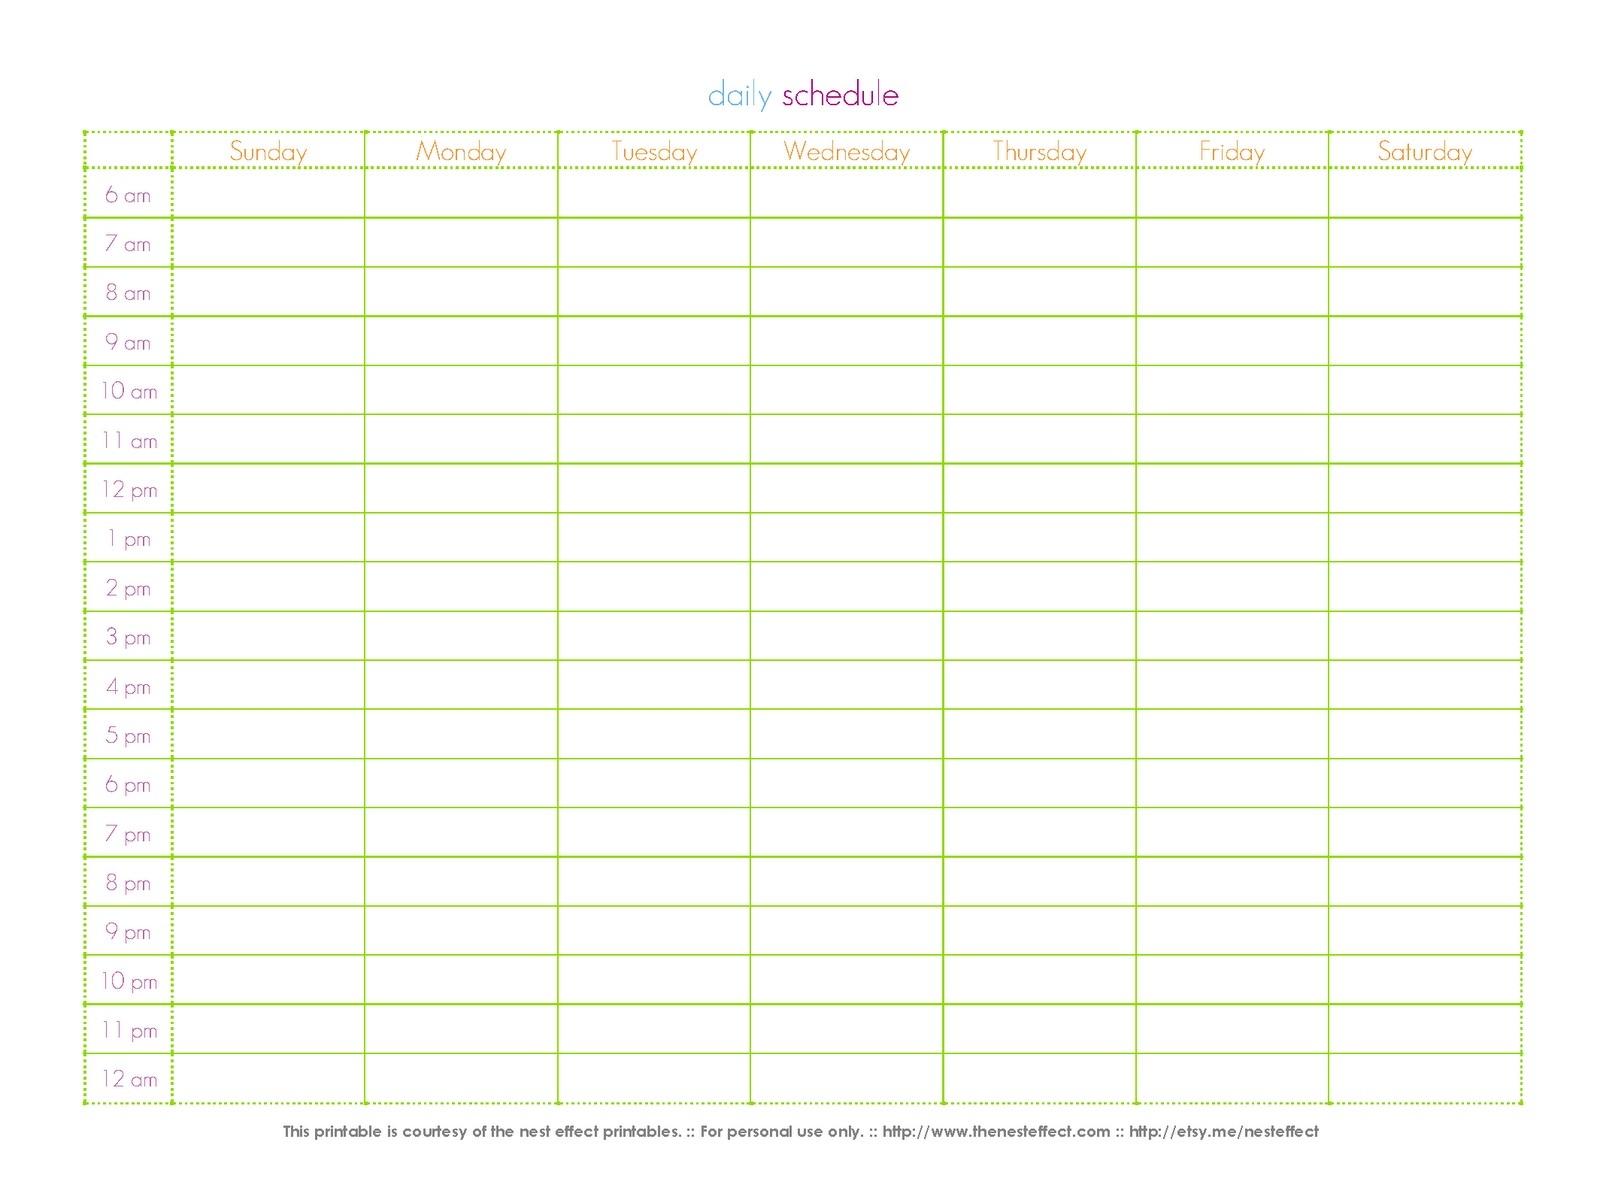 fresh 24 hour calendar template printable | free printable